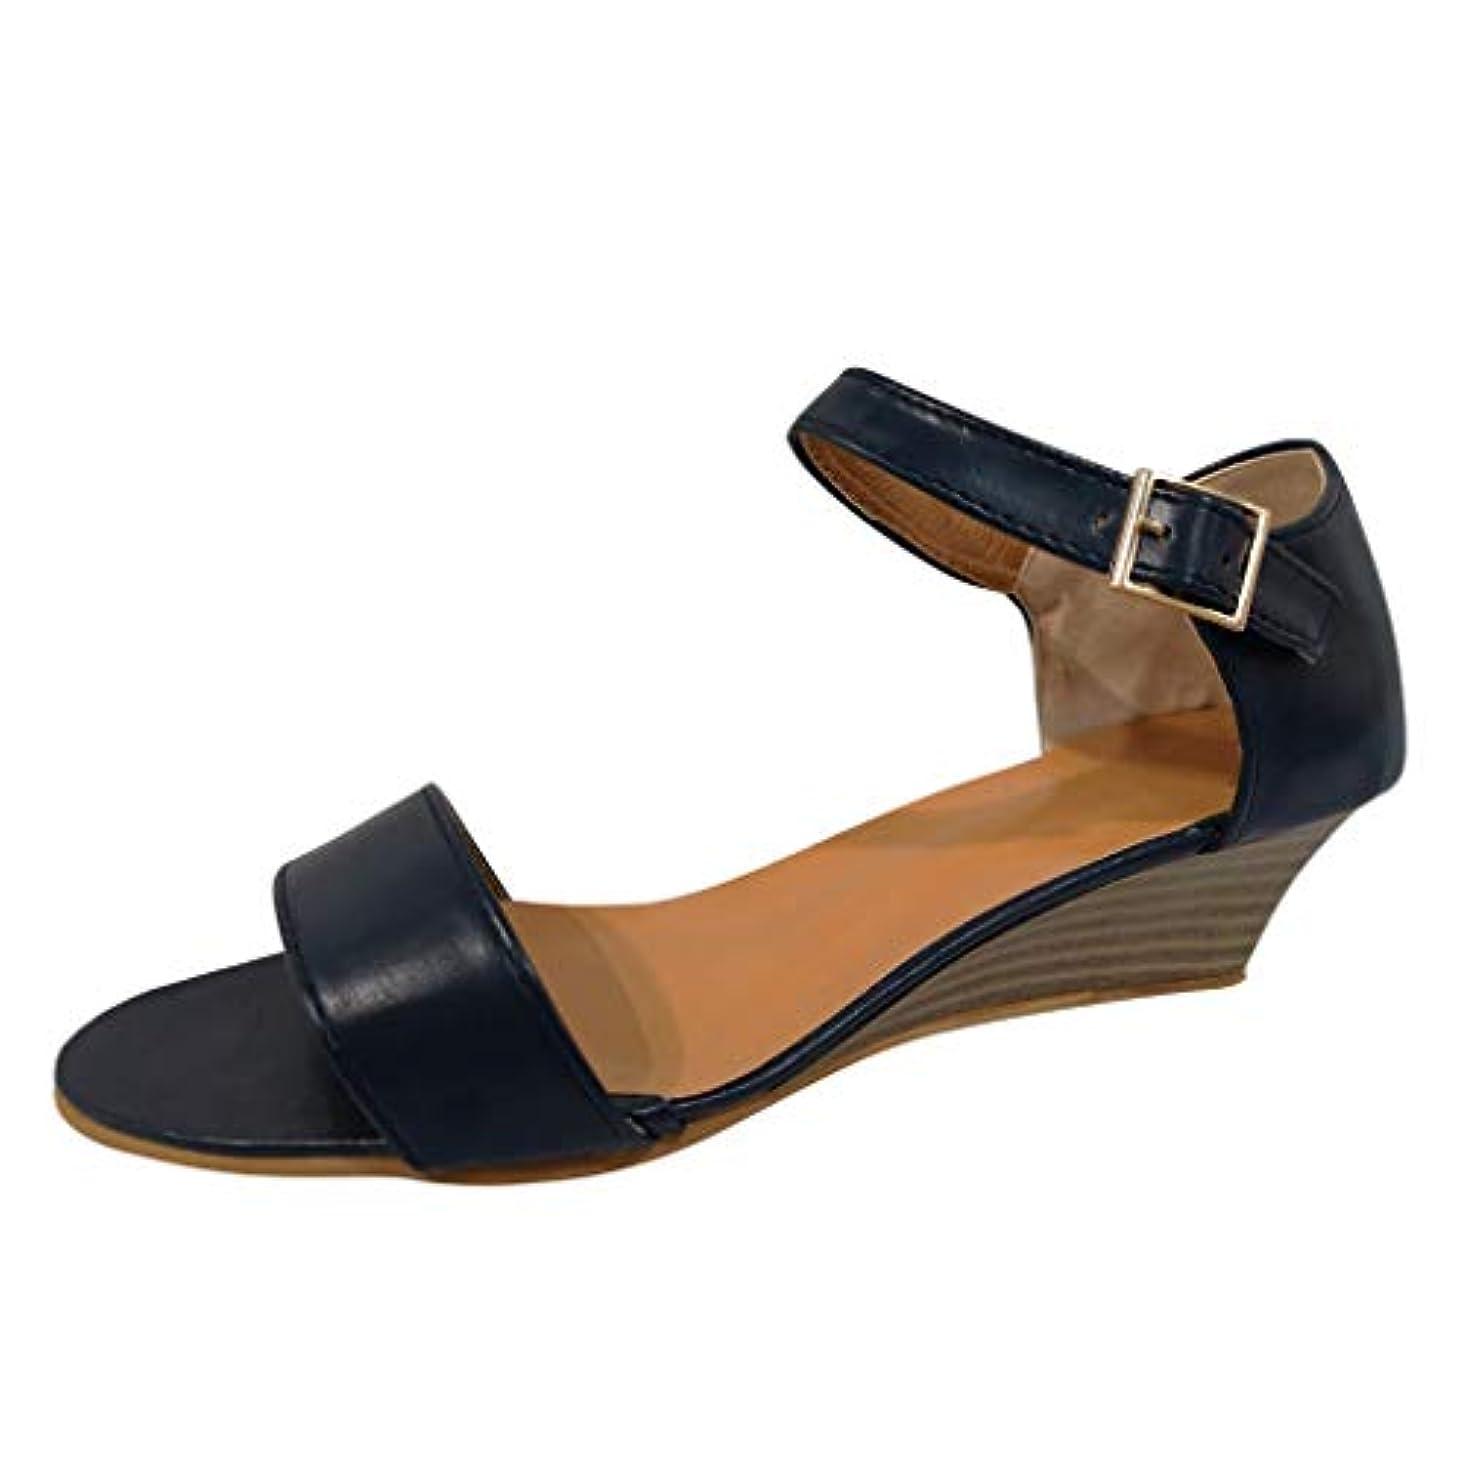 永遠のジョセフバンクス不透明な美脚 ウェッジソール Foreted ミュール サンダル ローヒール 黒 ウエッジ 靴 歩きやすい 疲れないカジュアル コンフォートサンダル ストラップ 痛くない